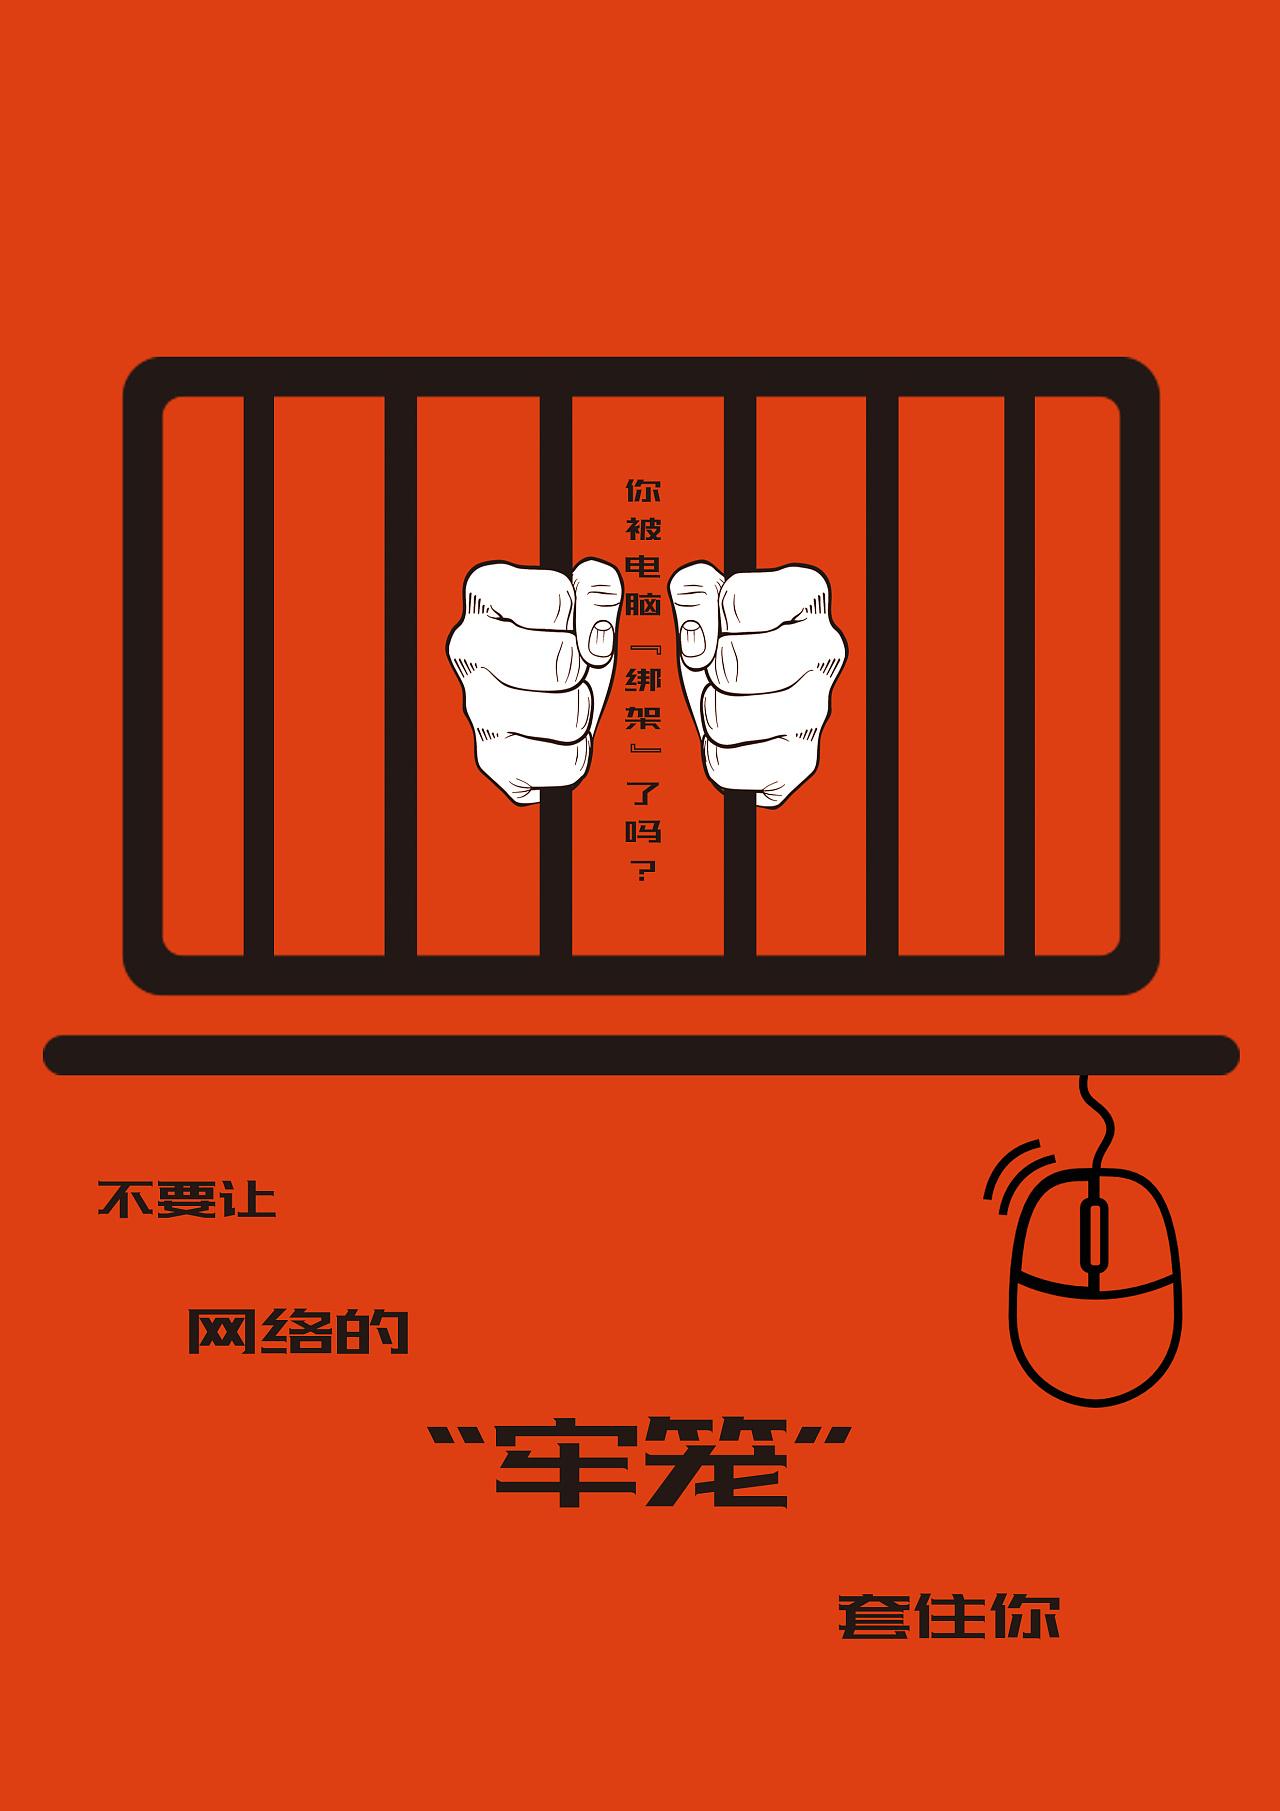 18天前 16 0 0 z11321380 南京     学生 不要让网络的牢笼束缚了你